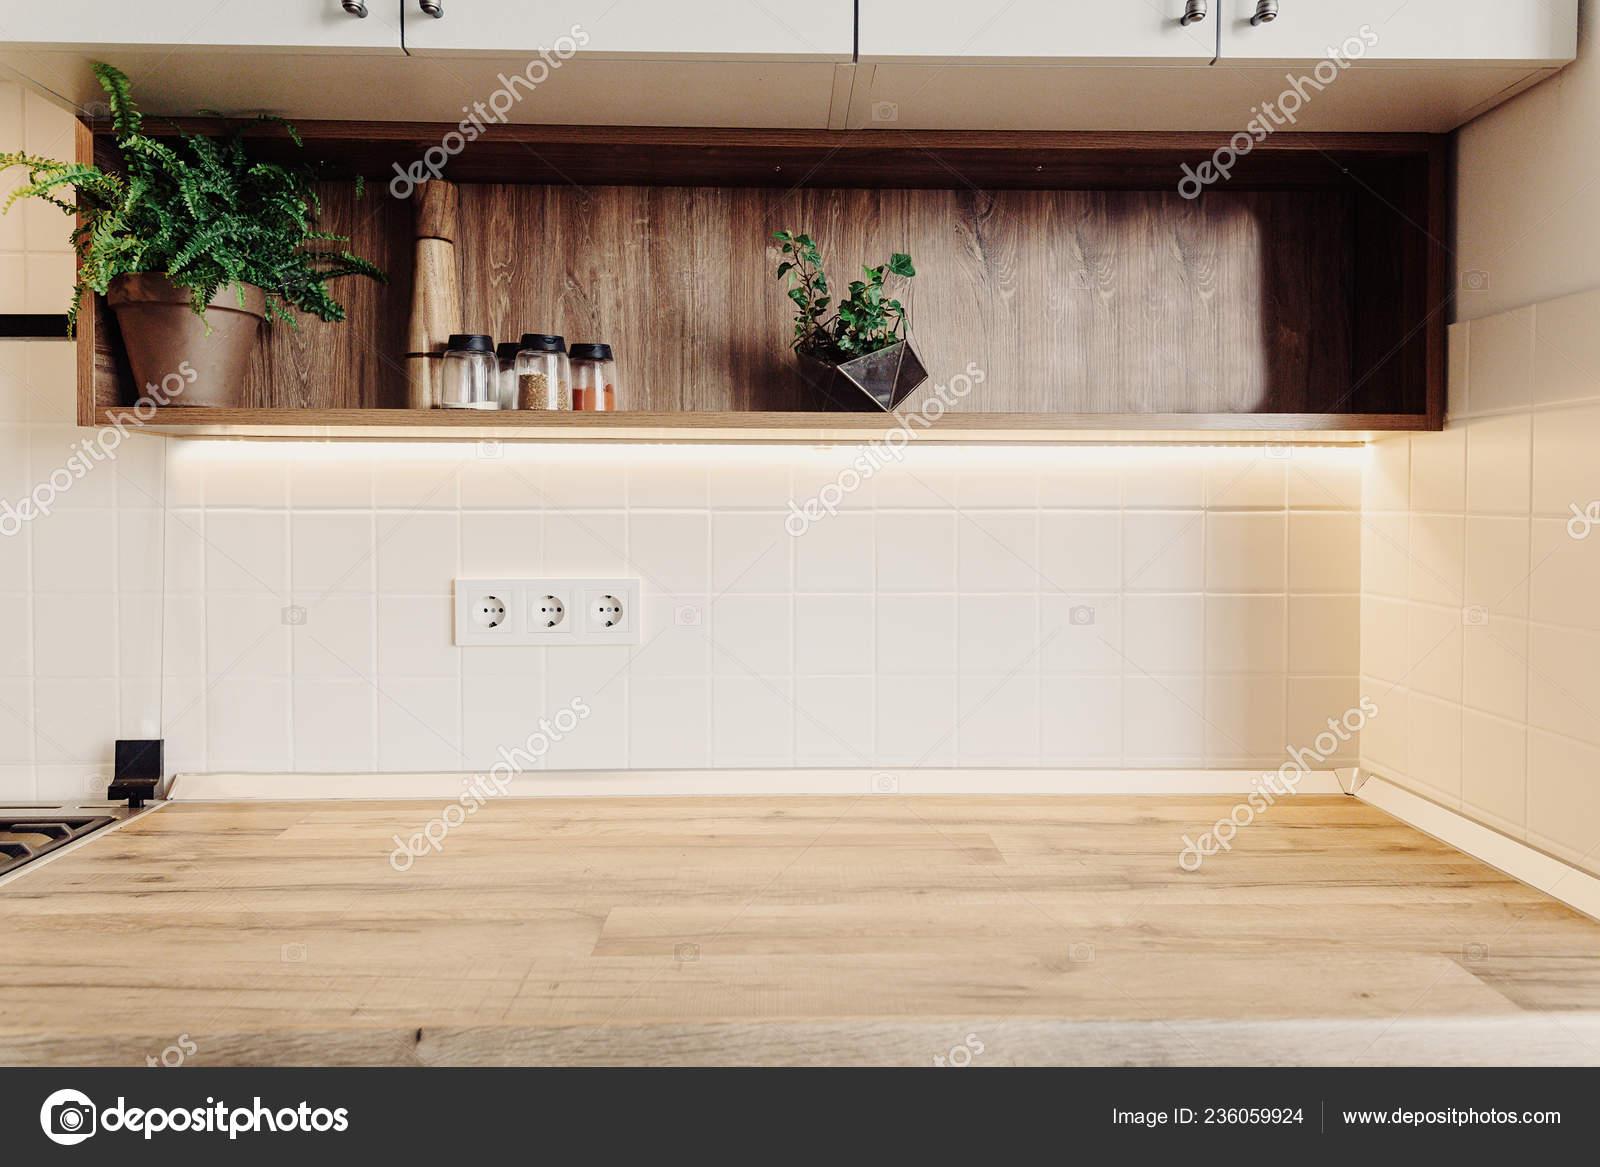 Mobili Cucina Moderna Lusso Colore Grigio Piano Legno Spazio ...